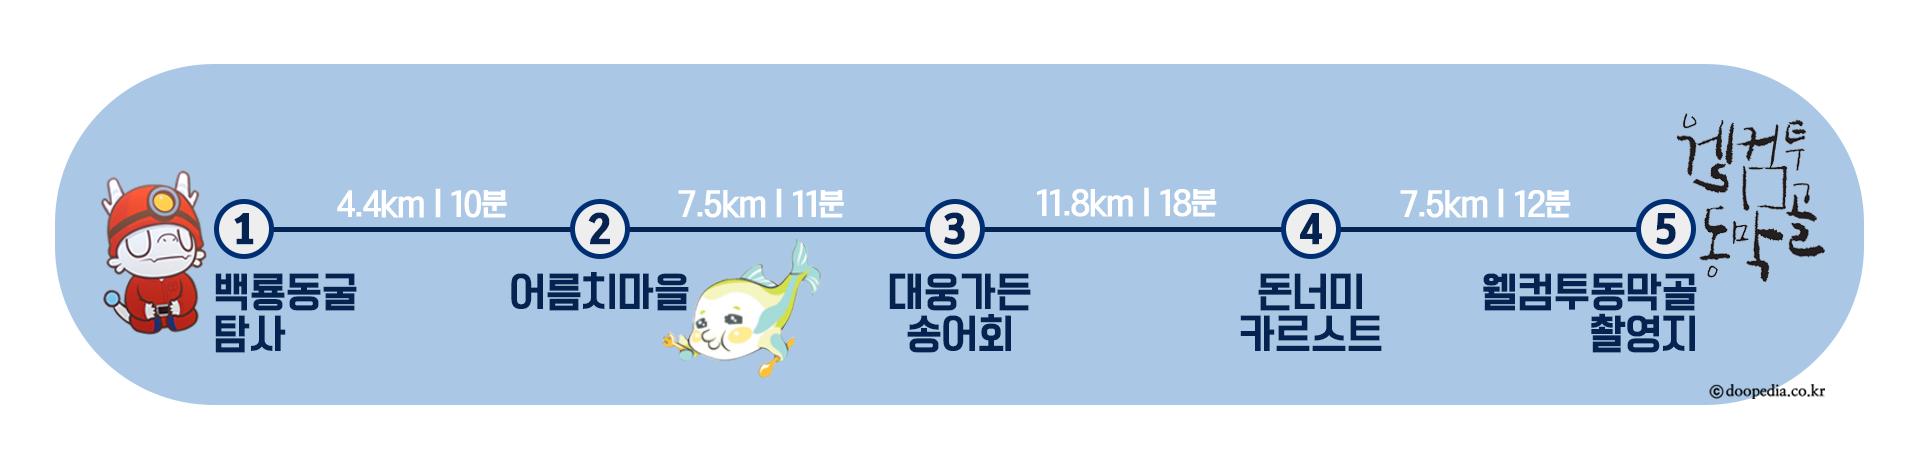 평창)여행코스_경로표시_미탄면(워터마크O).png